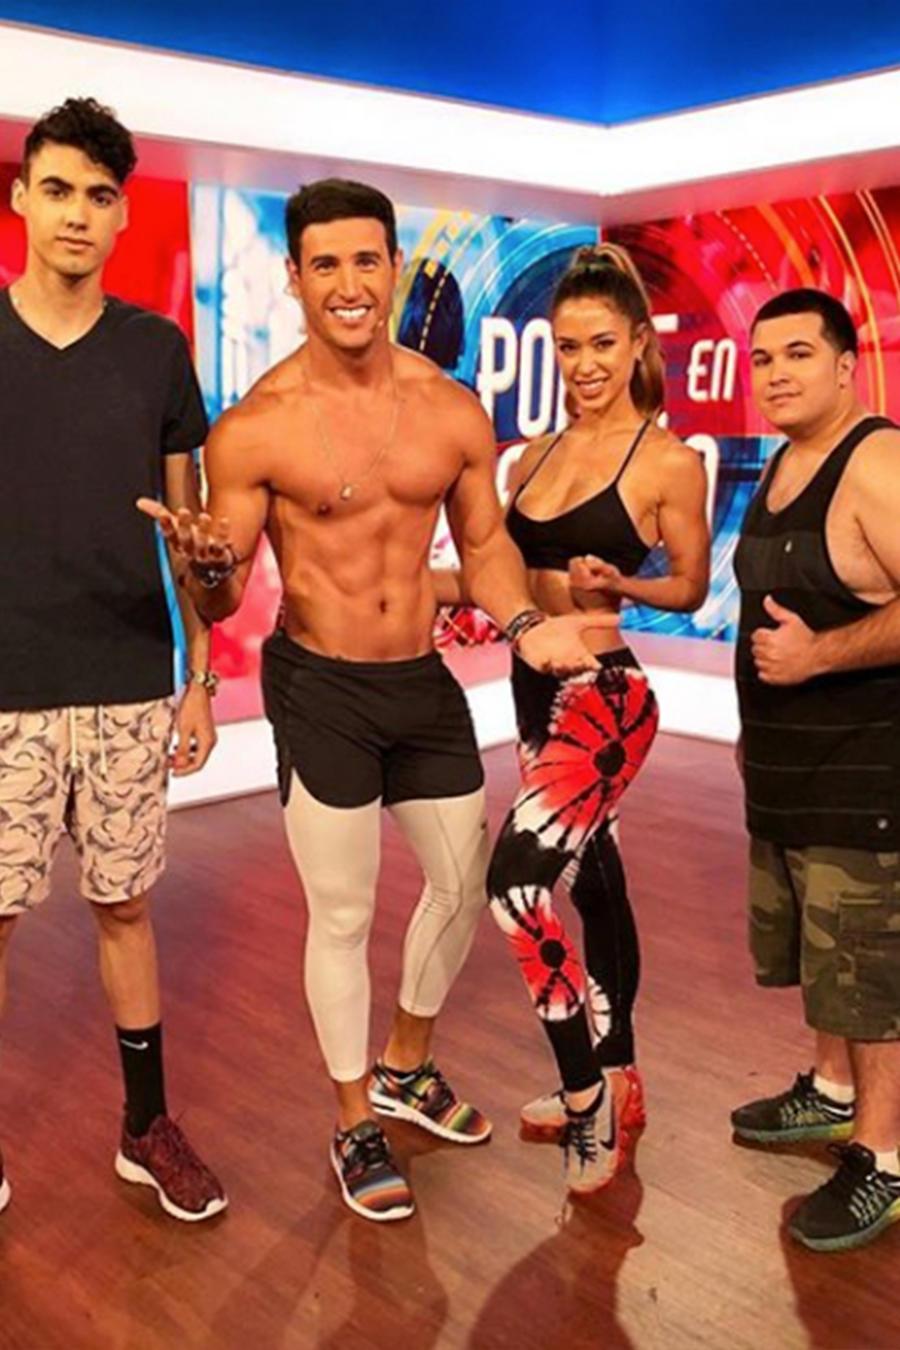 El entrenador Fran Medina nos enseña cómo ejercitarnos según nuestro tipo de cuerpo